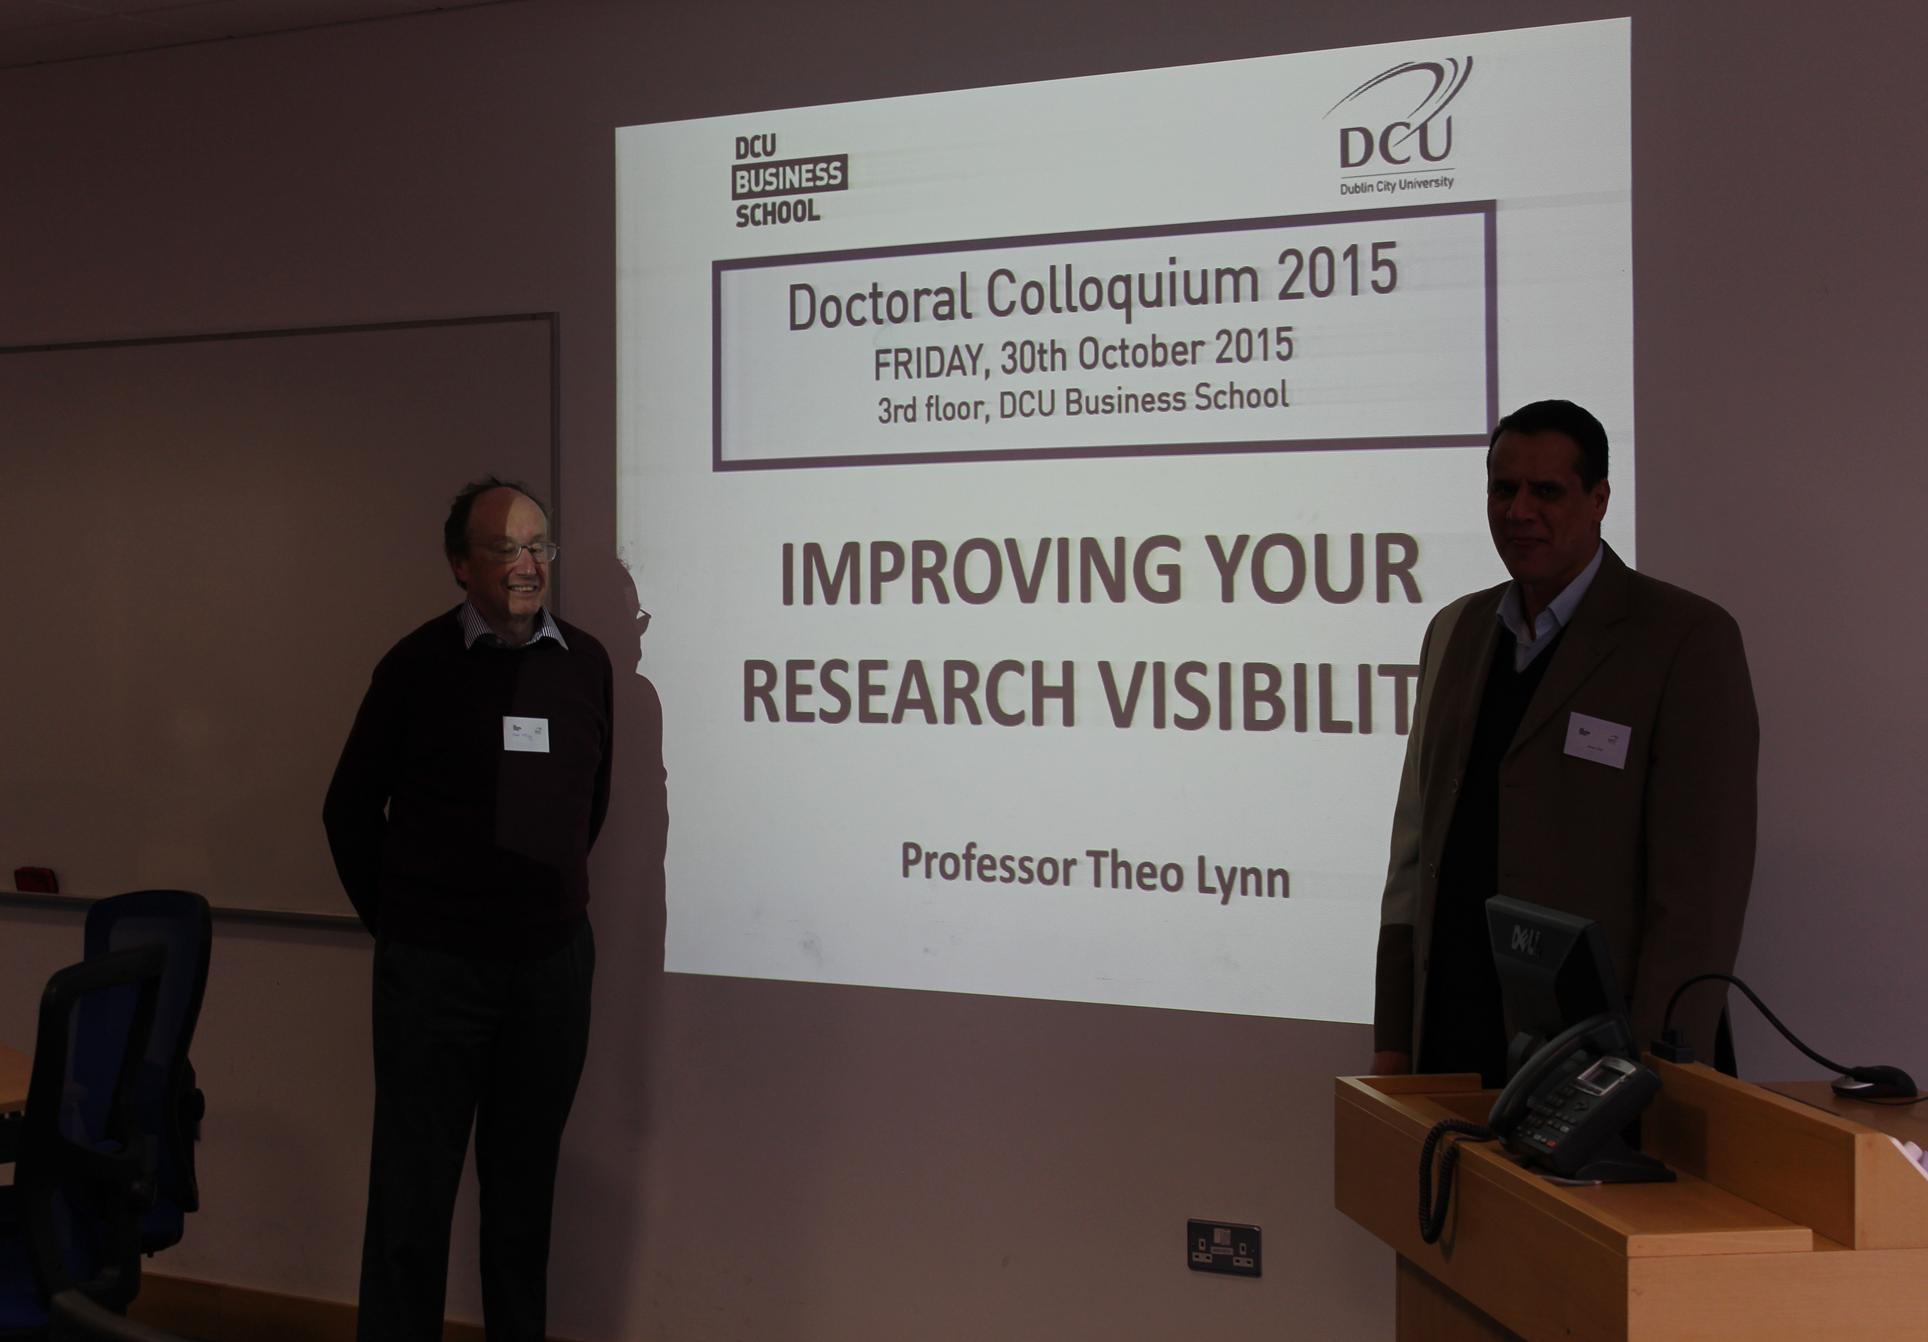 dcubs doctoral colloquium 15 2